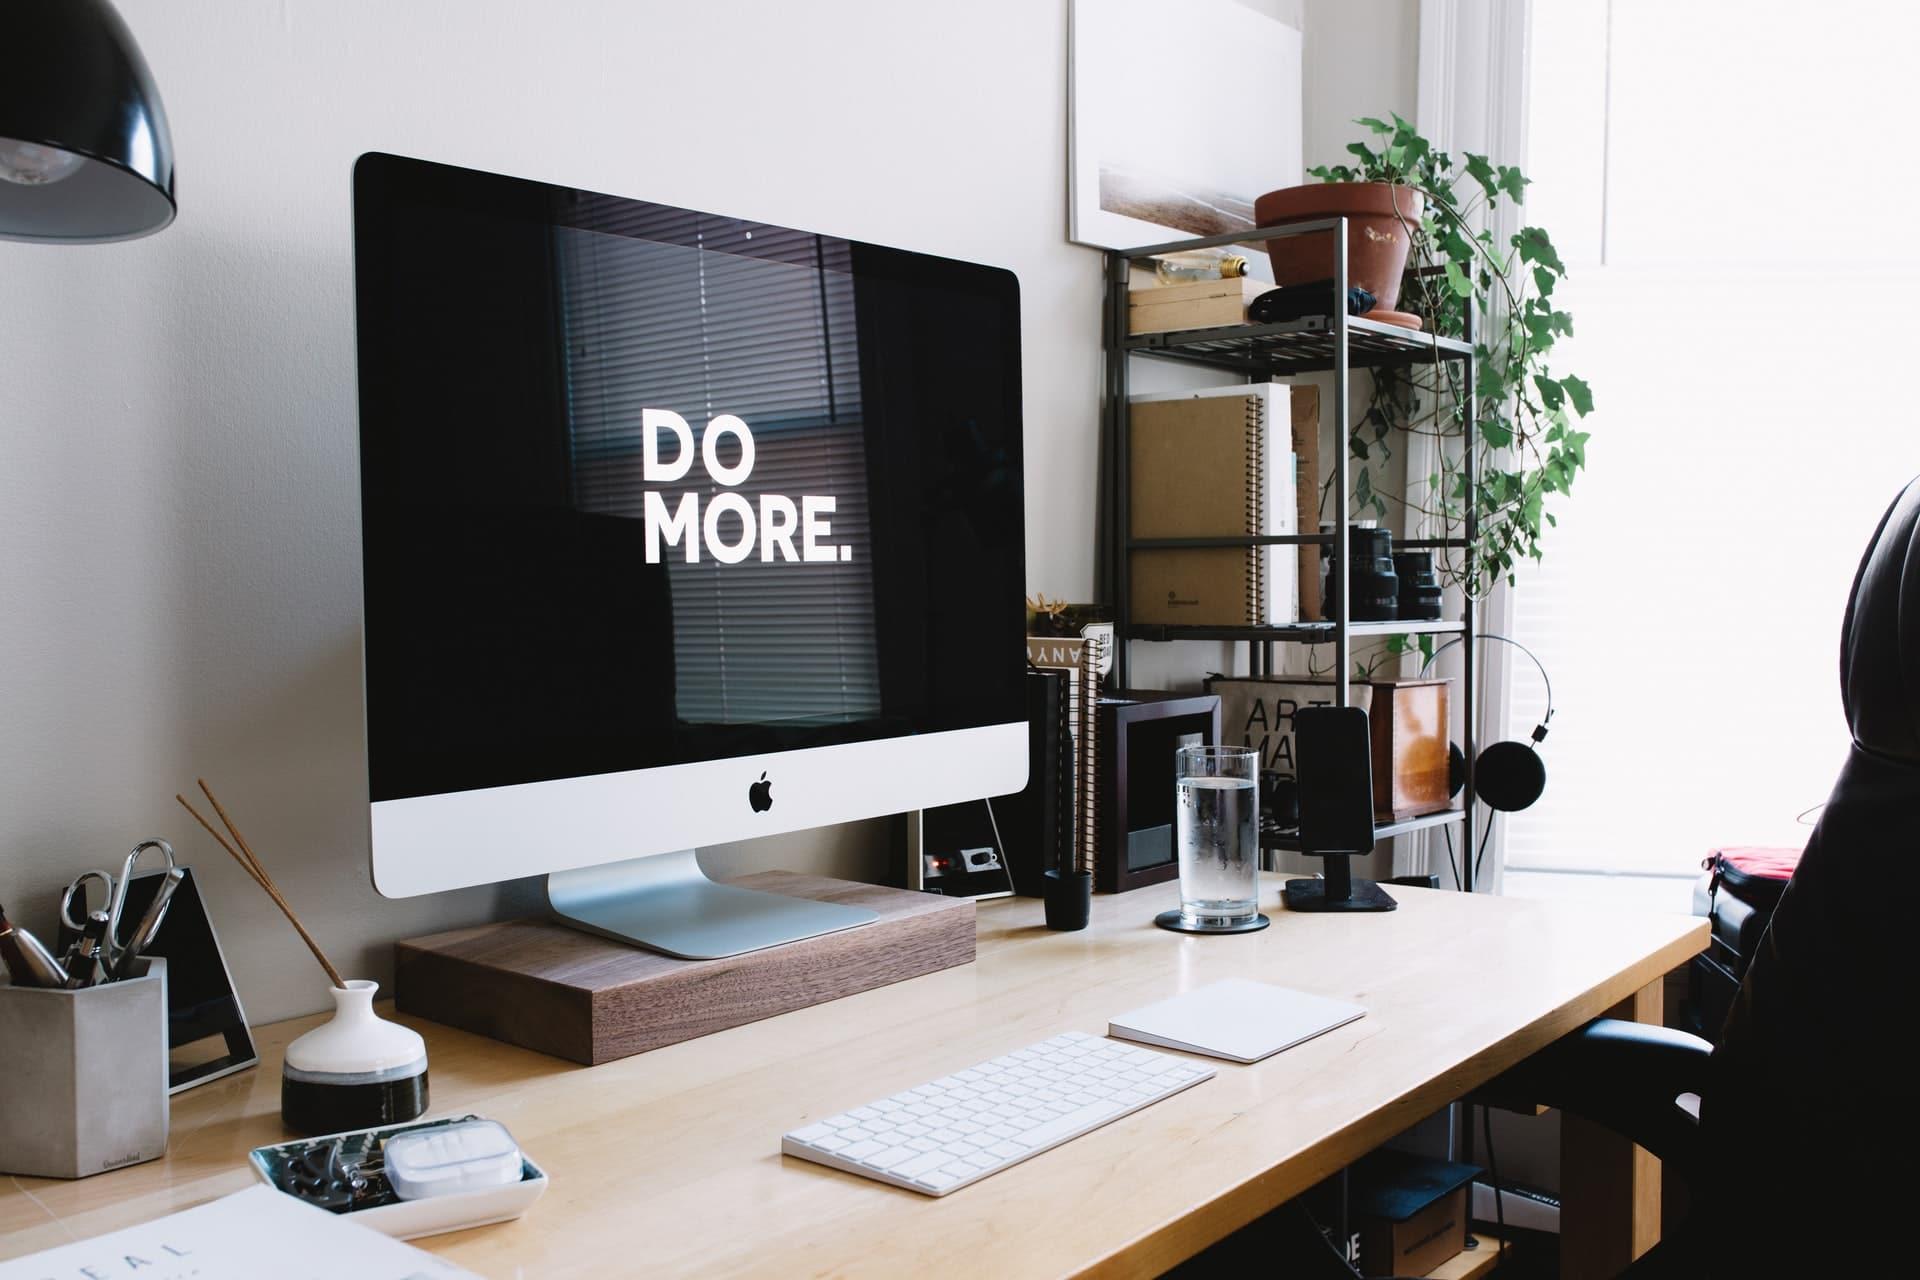 computer-screen-do-more